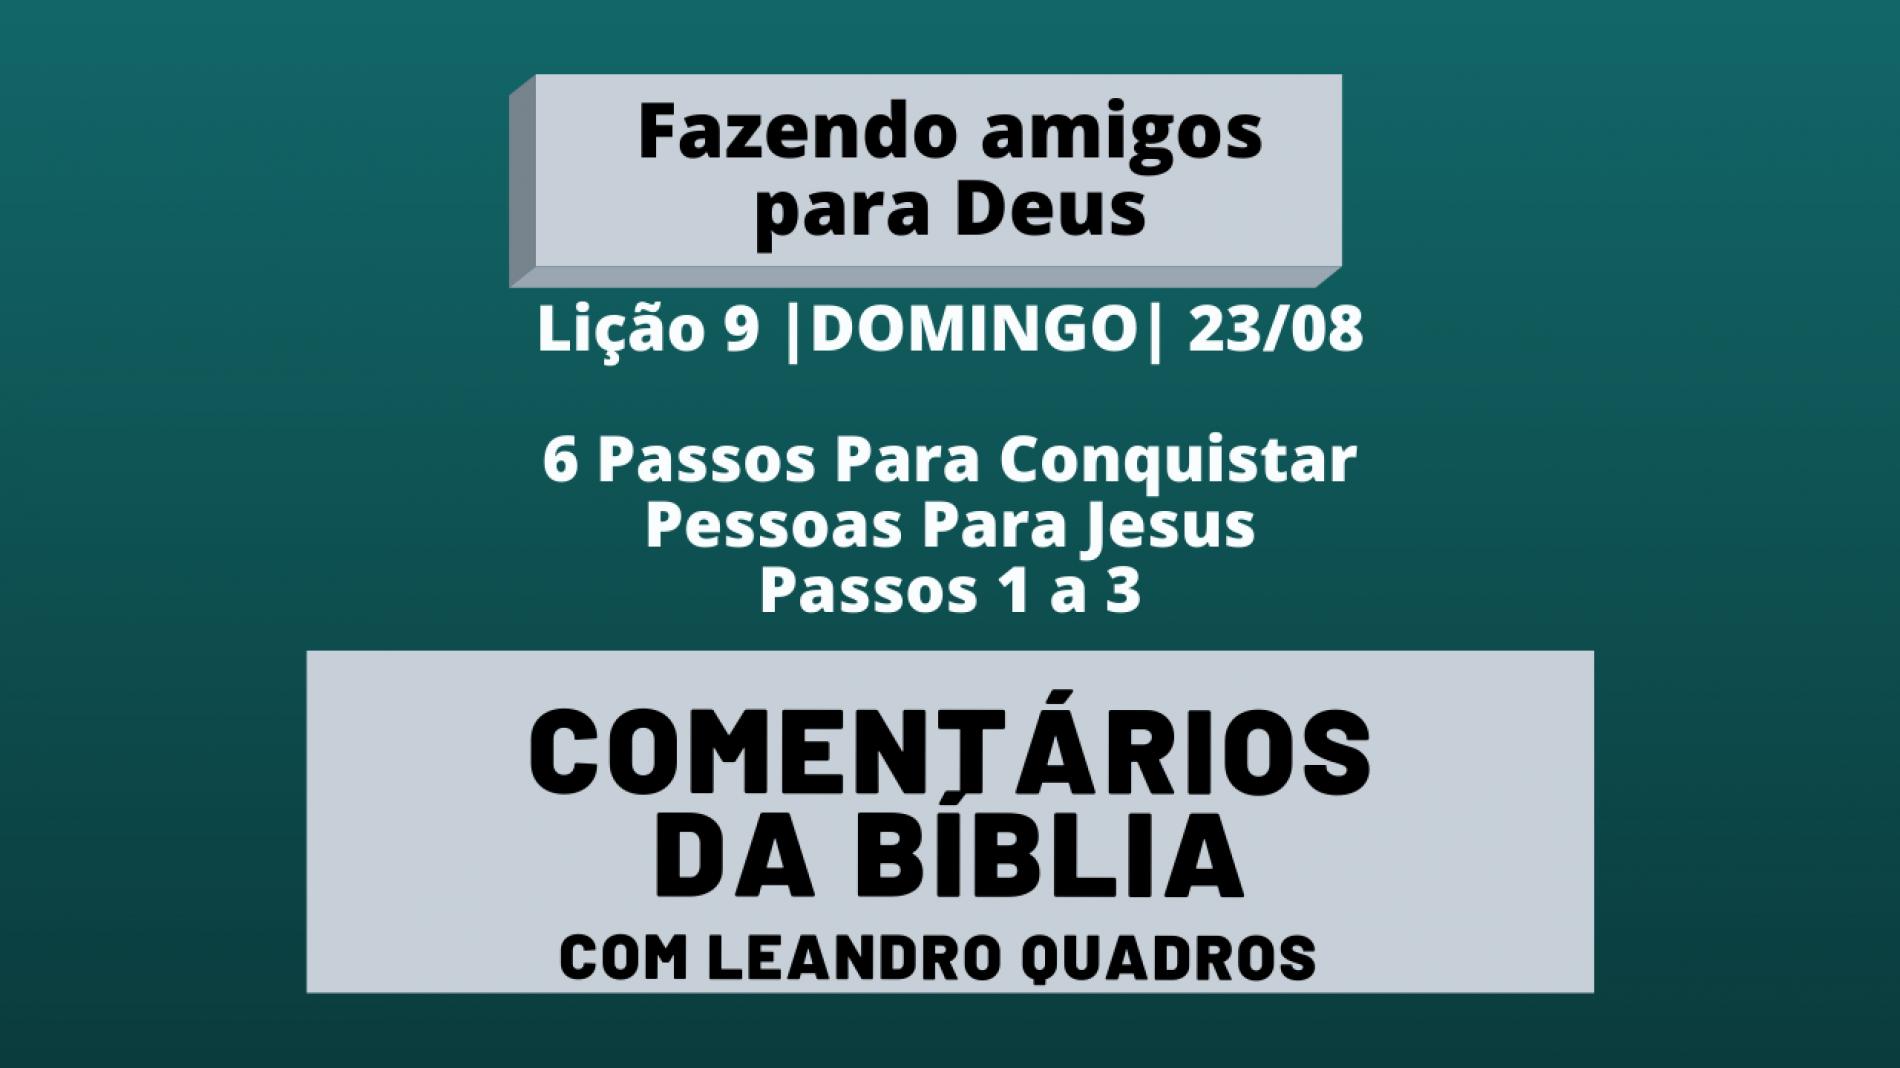 Domingo 23/08 – 6 Passos Para Conquistar Pessoas Para Jesus – Passos 1 a 3